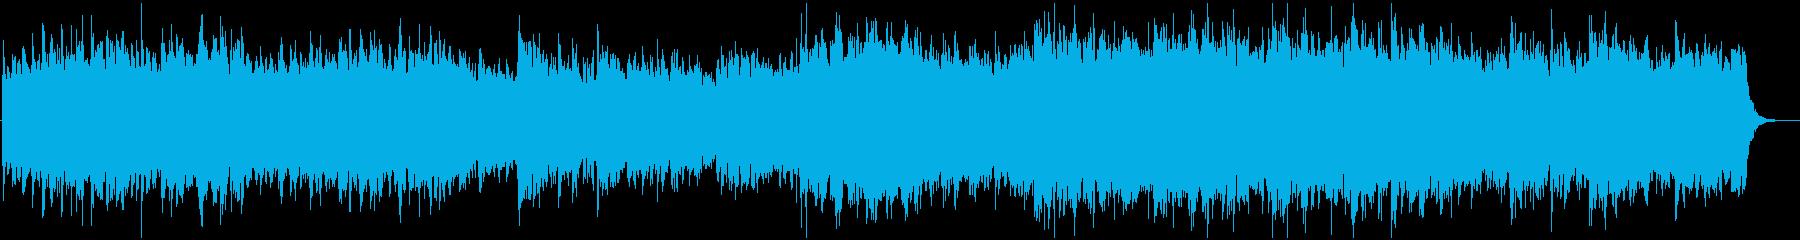 暖かみのある壮大な感動BGMの再生済みの波形